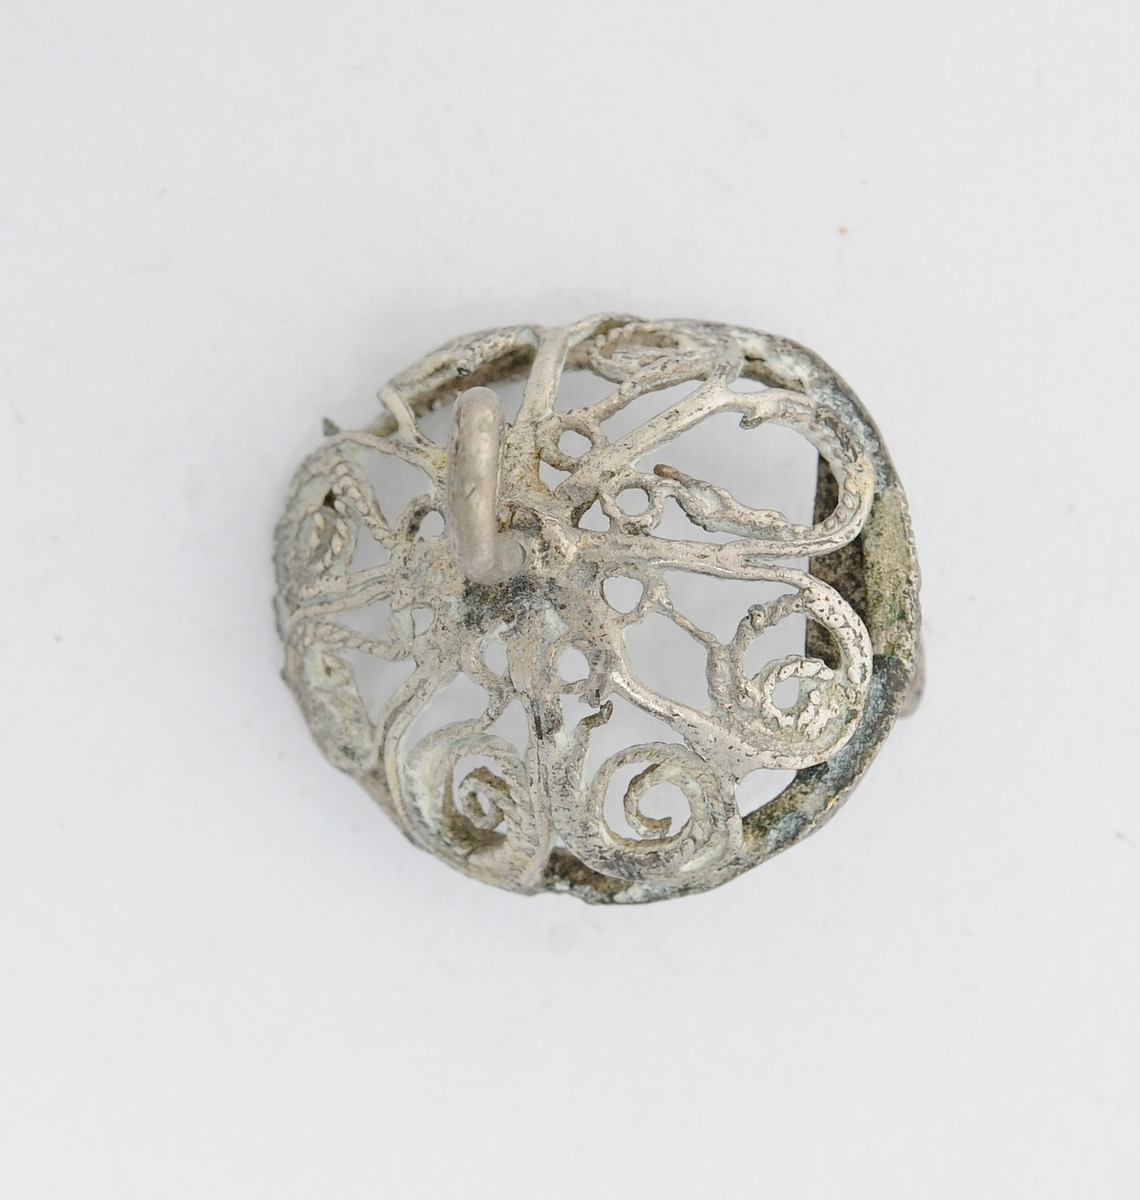 Sølje, halsknapp, i sølv, A og B. Har vore samansett, men er sundbroten i to delar Desse delane er to halvkuleforma knappar i filigransarbeid.  Del A har pålodda krok på baksida, og hempe for vedheng på framsida. Del B har pålodda nål bak, manglar hempe på framsida. Er reparert med tinn eller bly der hempa skulle vore.  Båe er skeive og i dårleg stand.